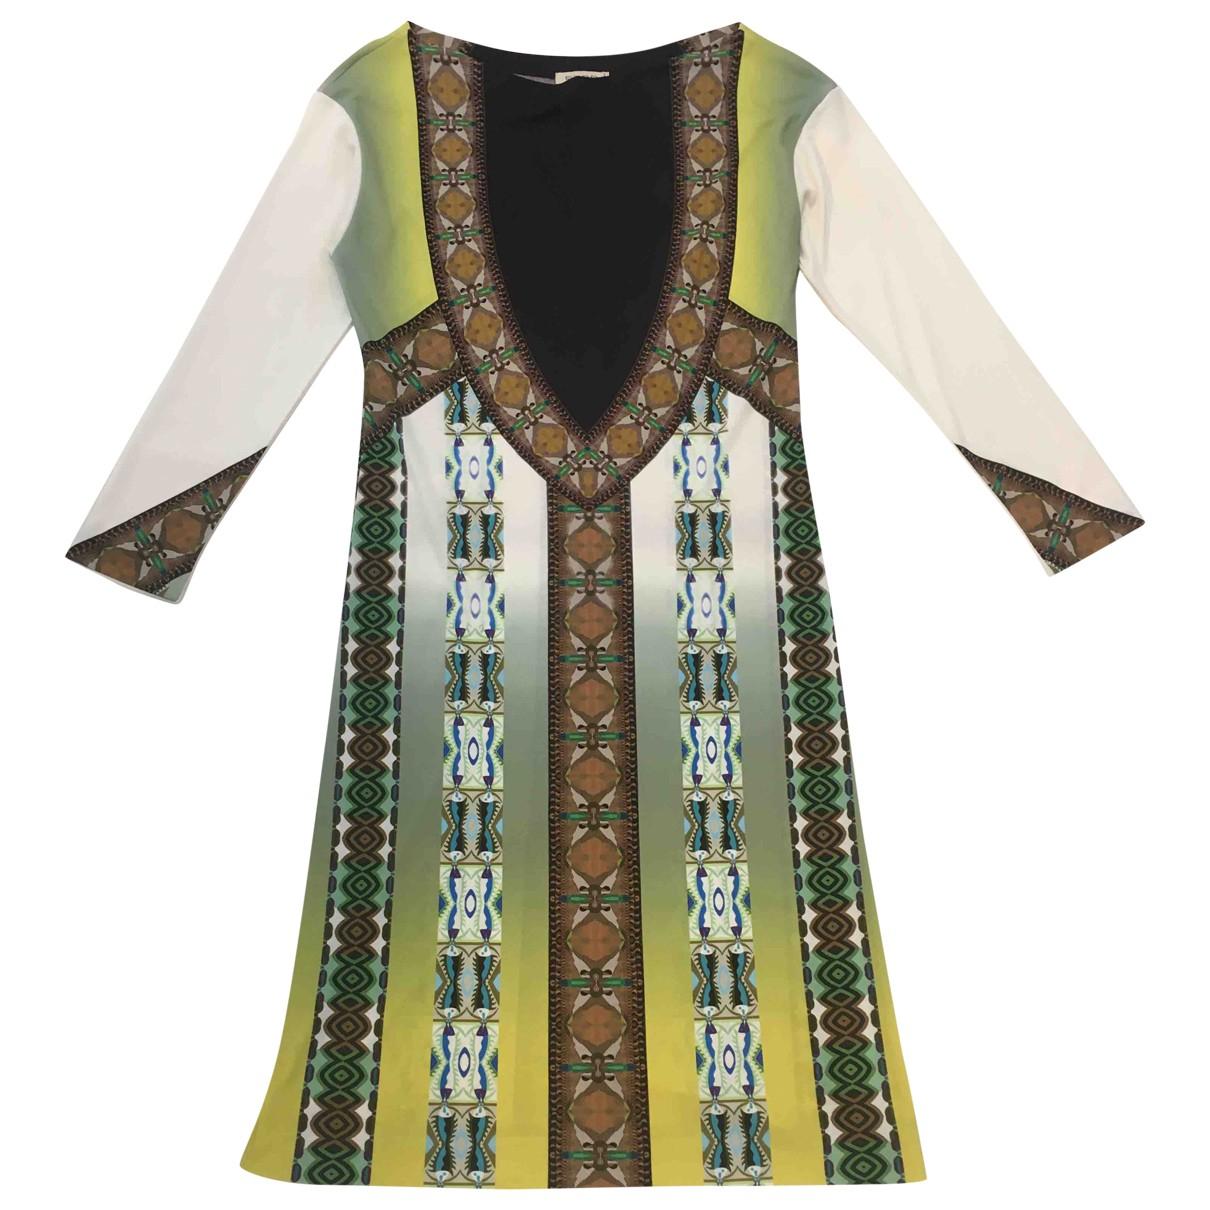 Etro \N Multicolour dress for Women 40 IT